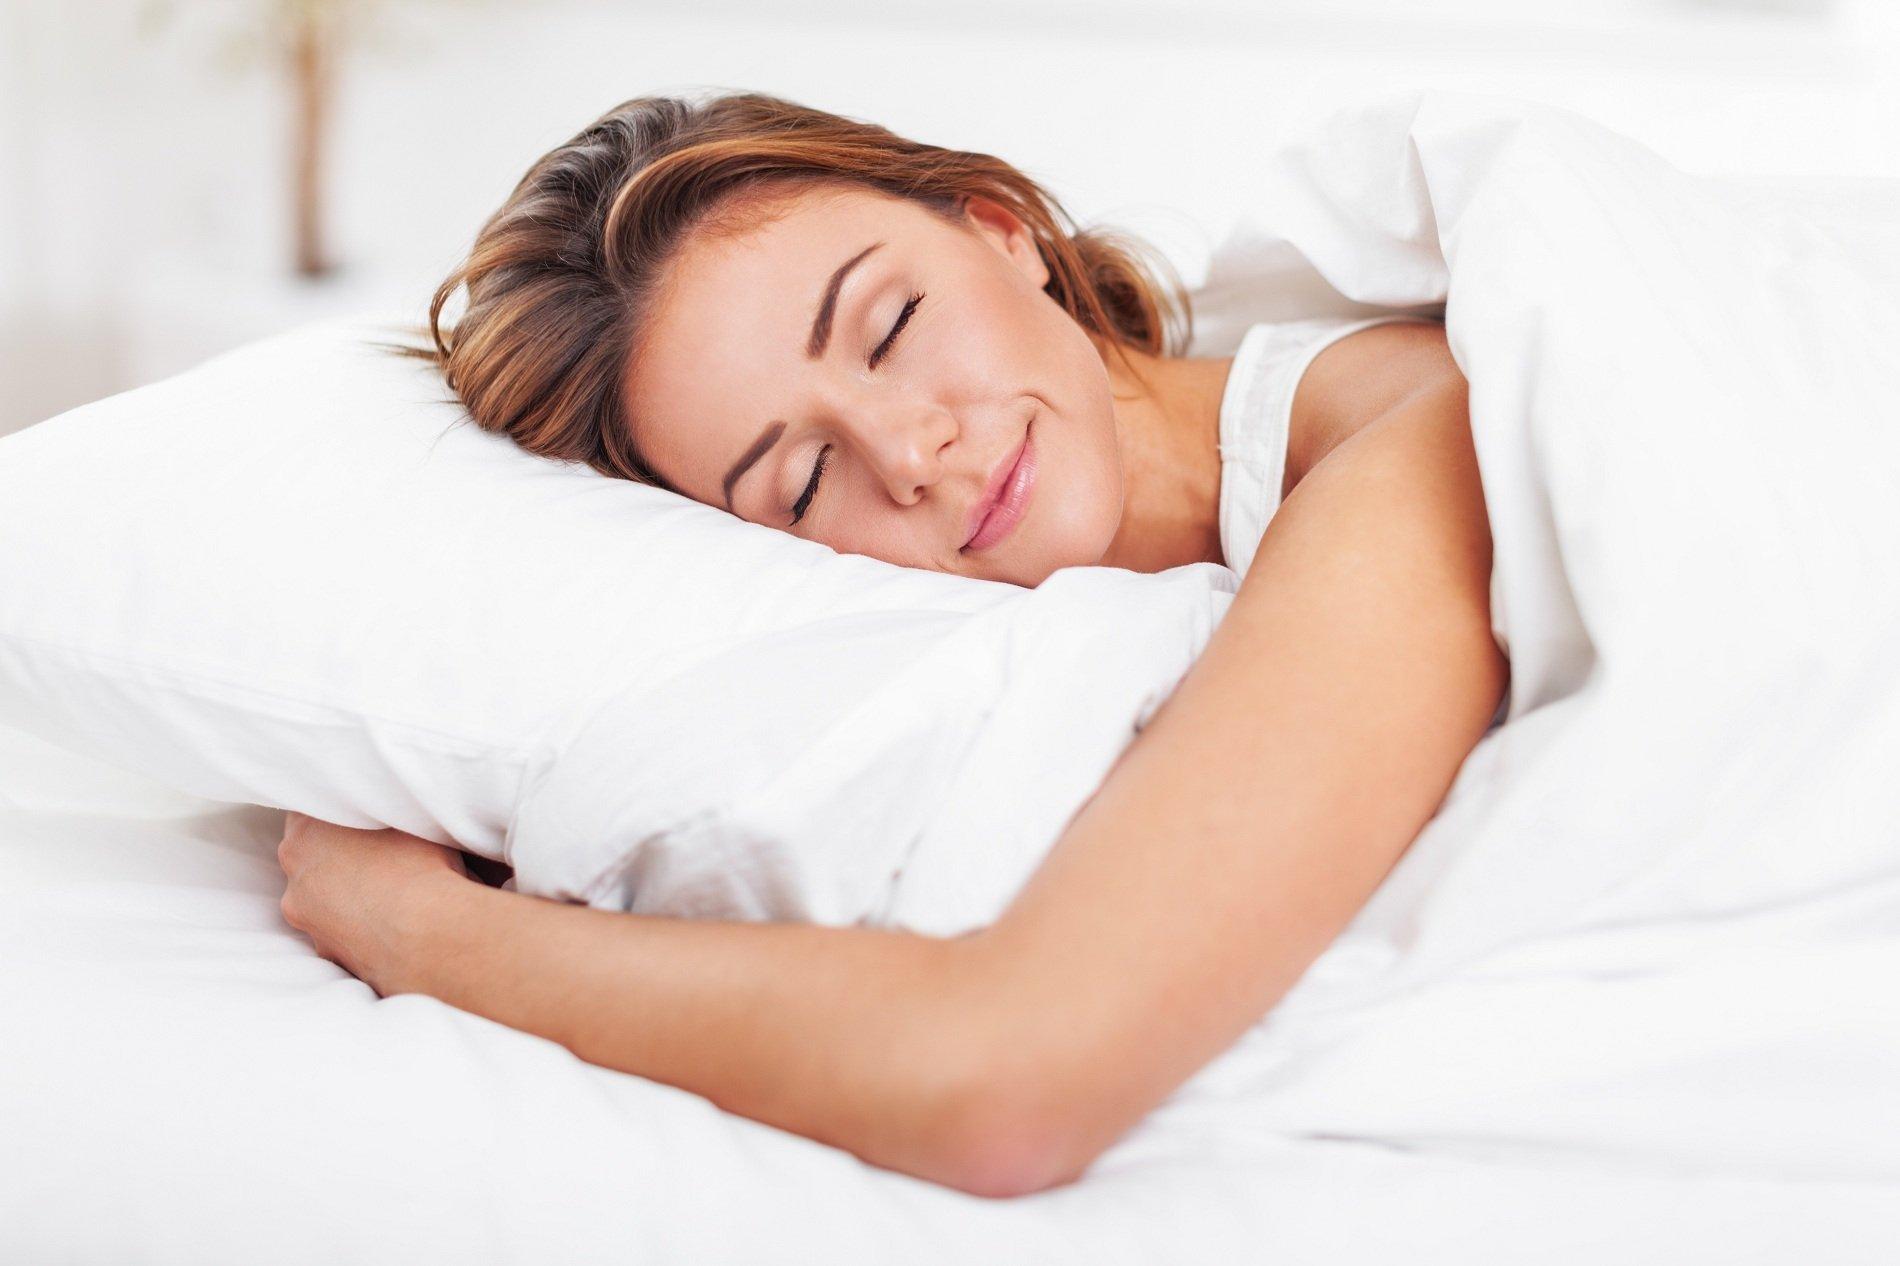 Giovane dormendo con un sorriso e abbracciando il cuscino